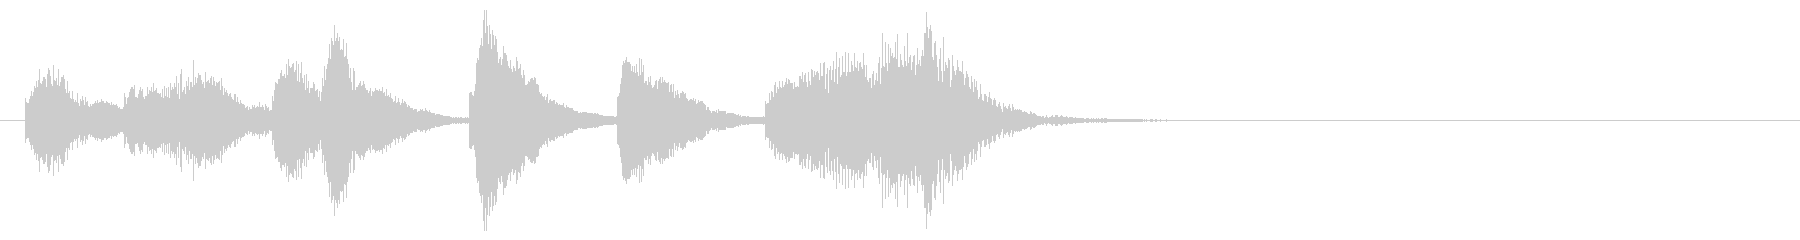 のほほんジングル001_コミカルの未再生の波形